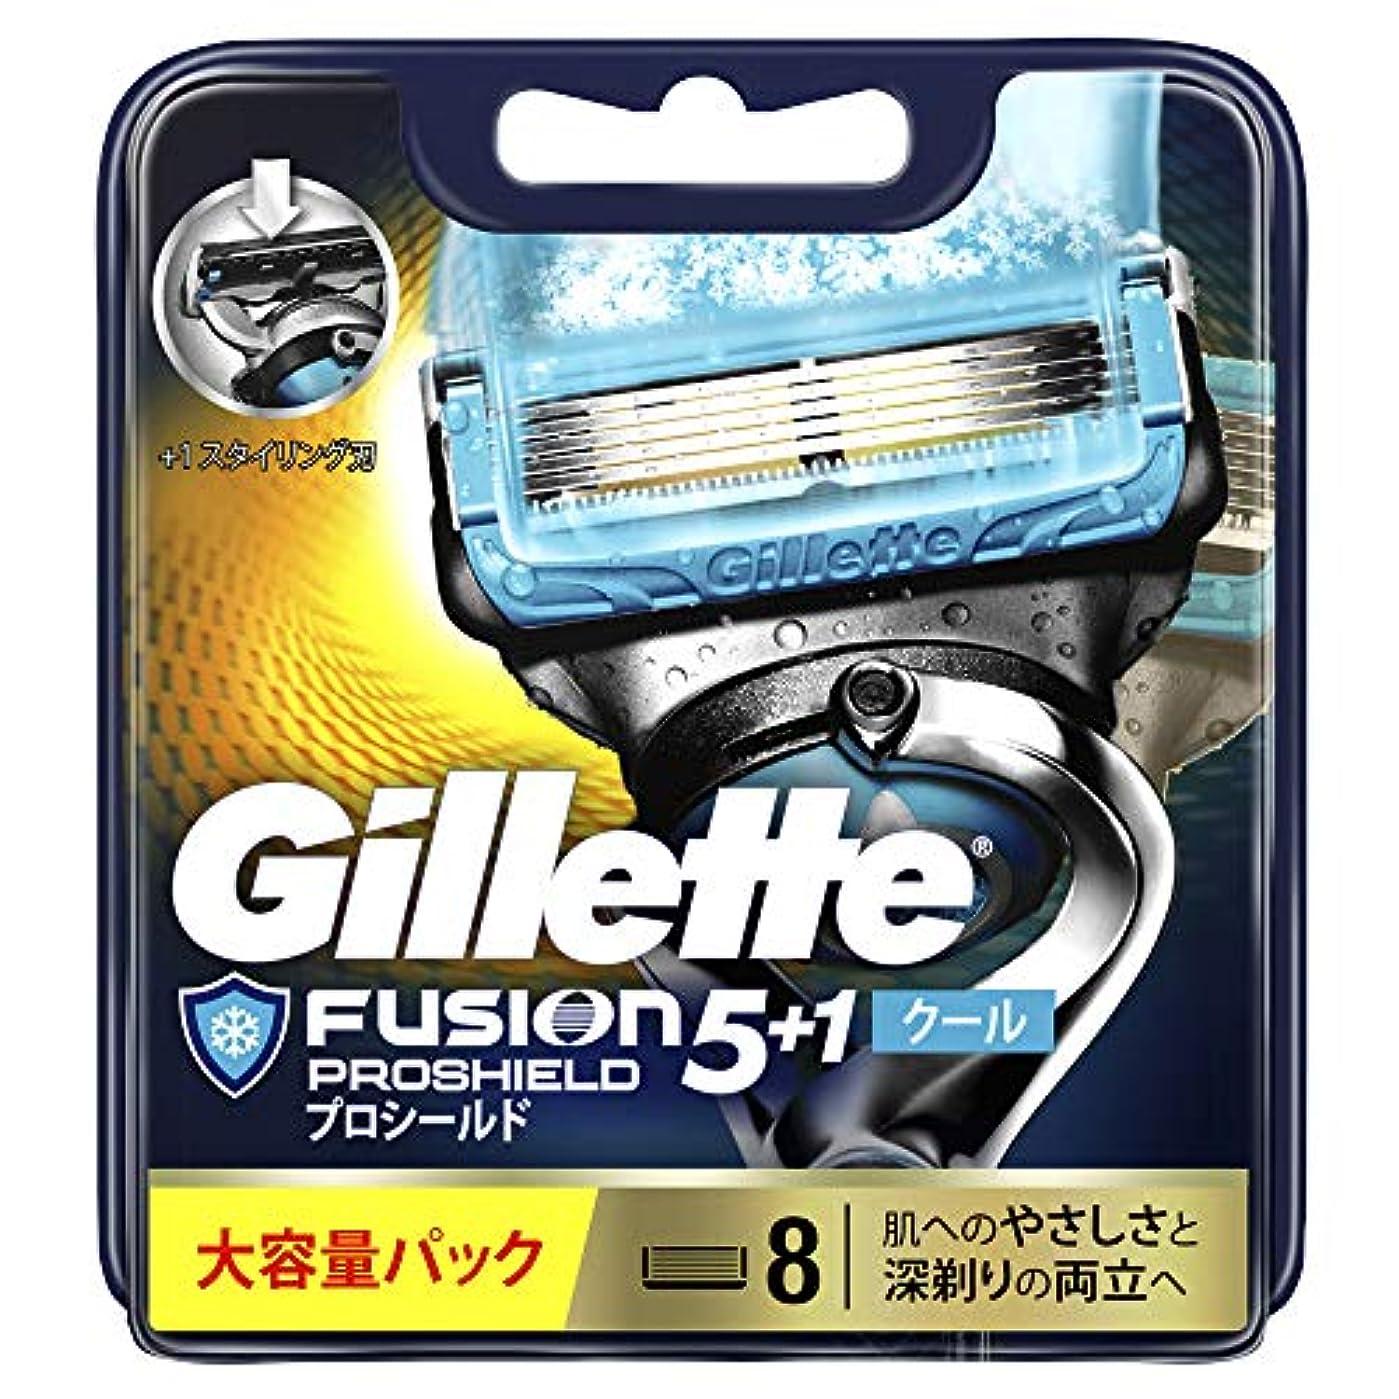 徹底時計オンジレット 髭剃り フュージョン5+1 プロシールド クール 替刃 8個入